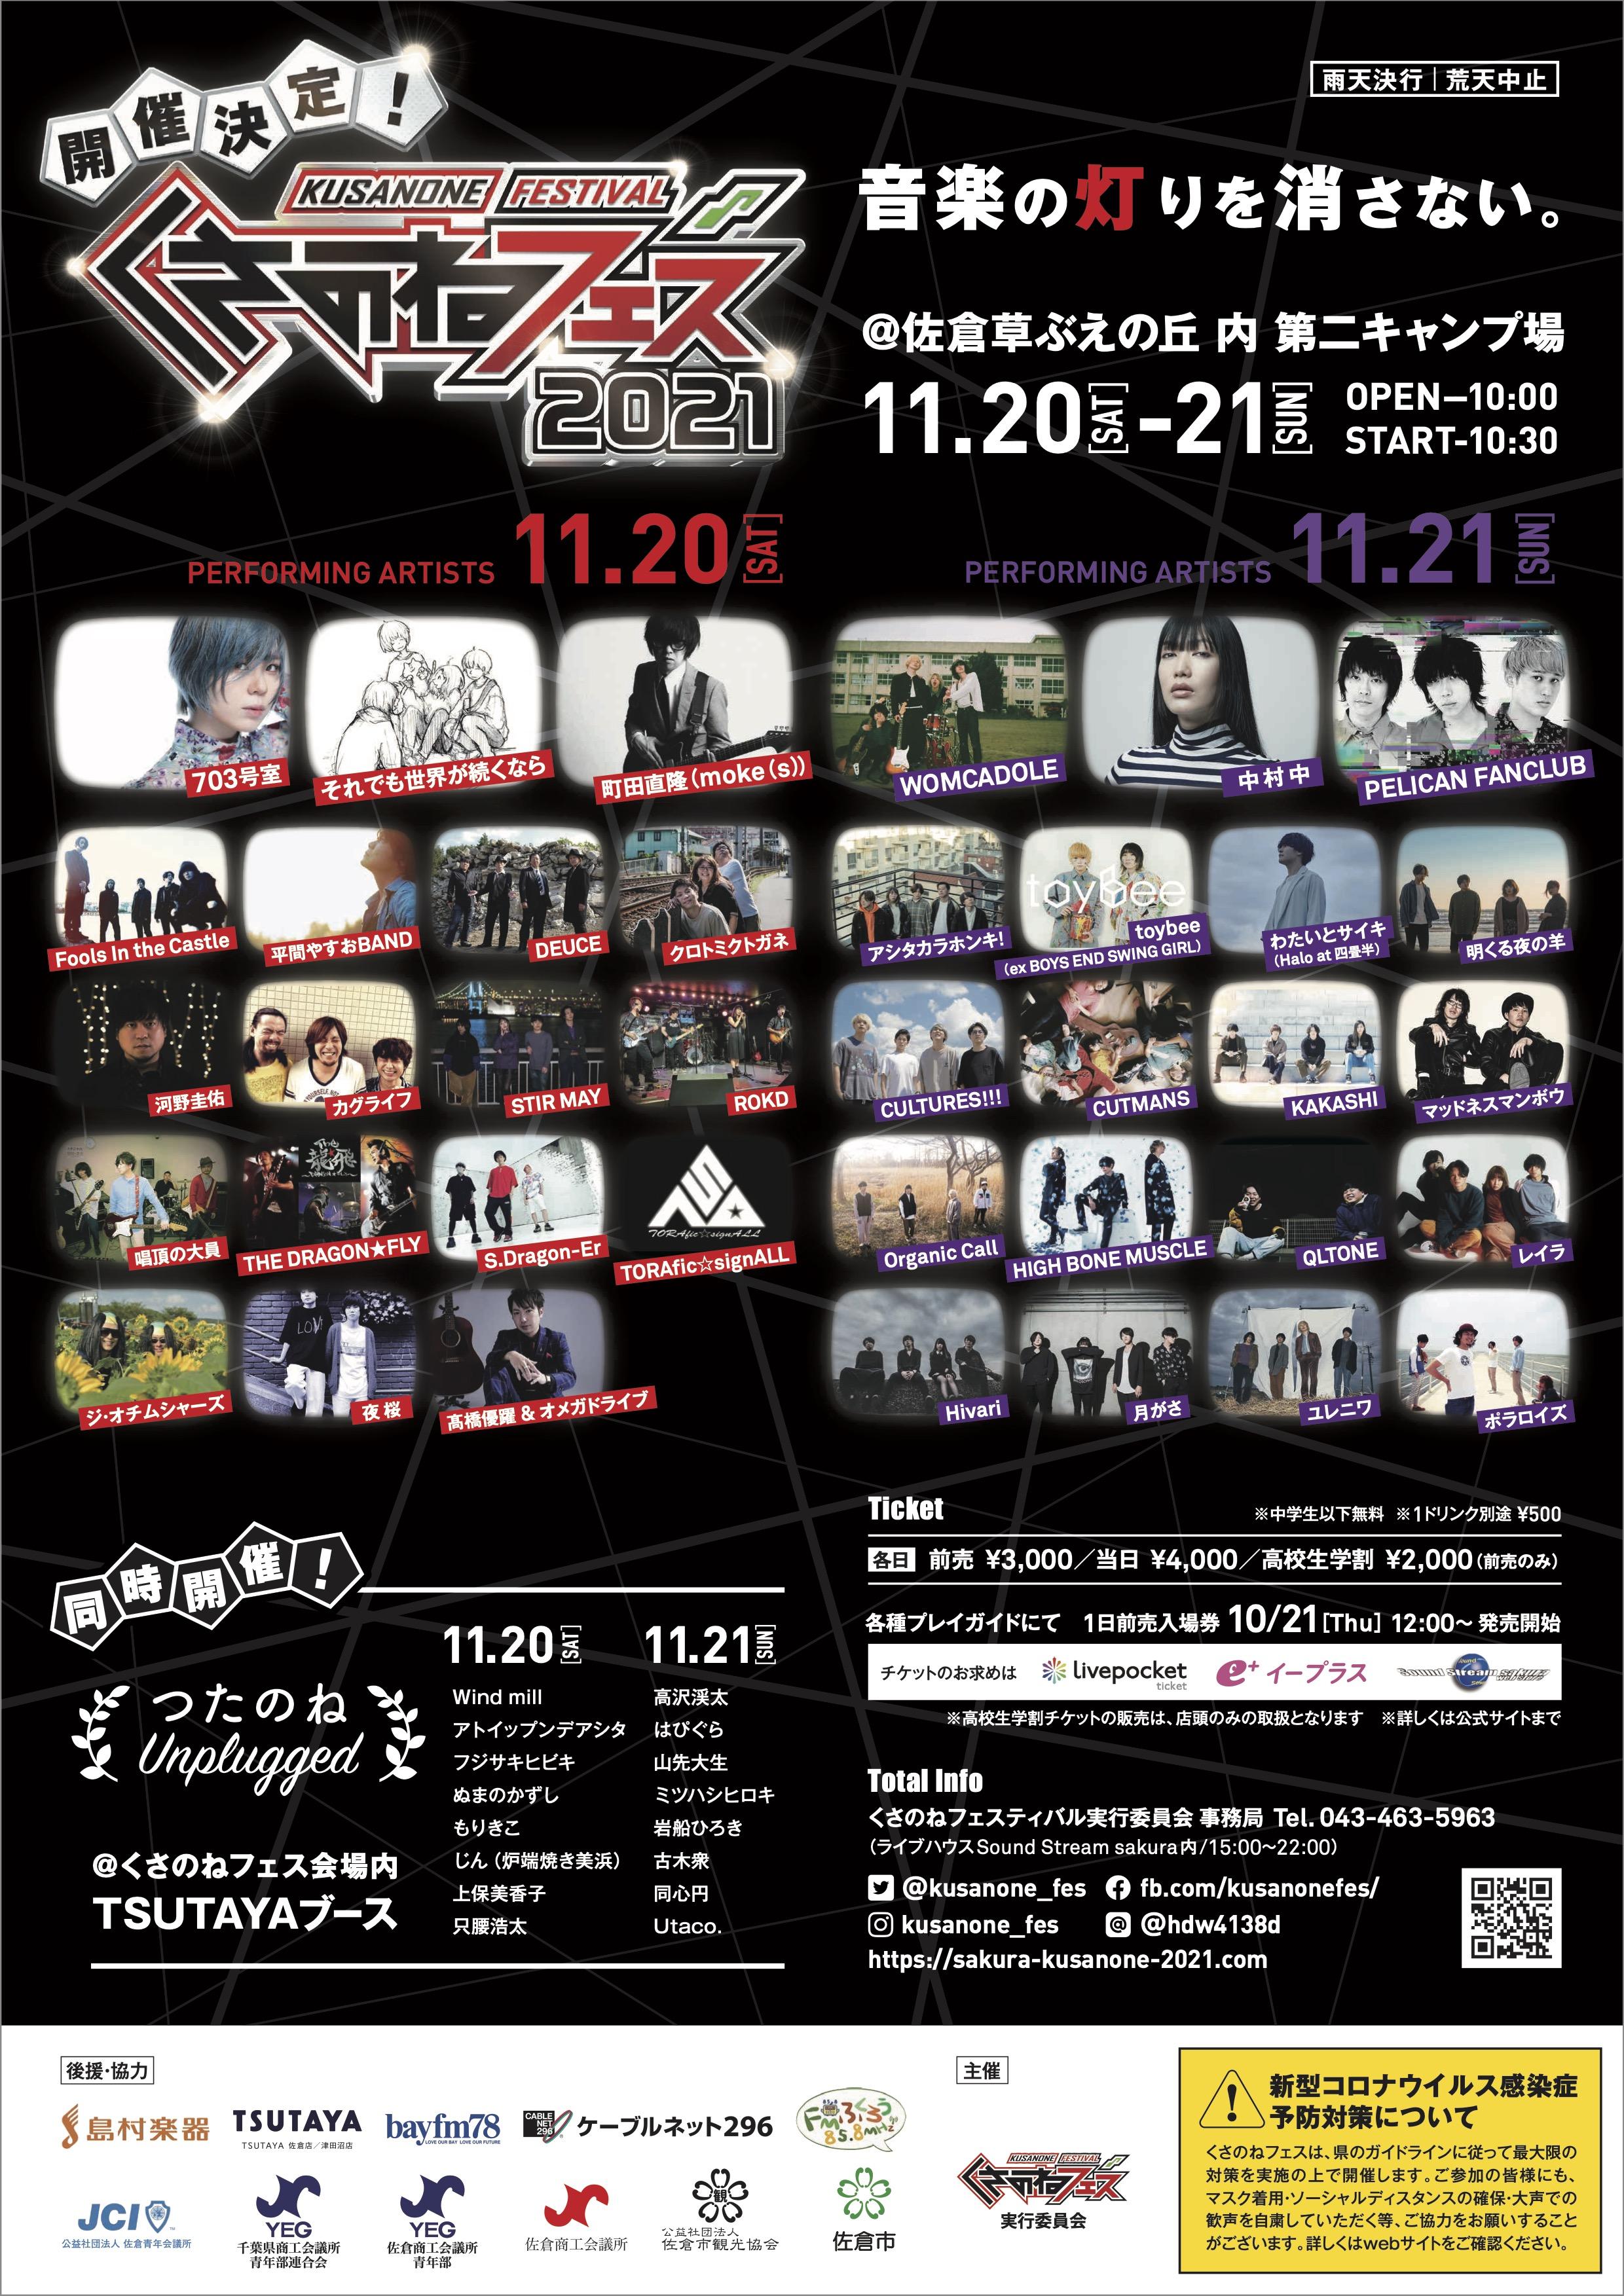 11/21(日)くさのねフェスティバル2021@千葉県佐倉草ぶえの丘